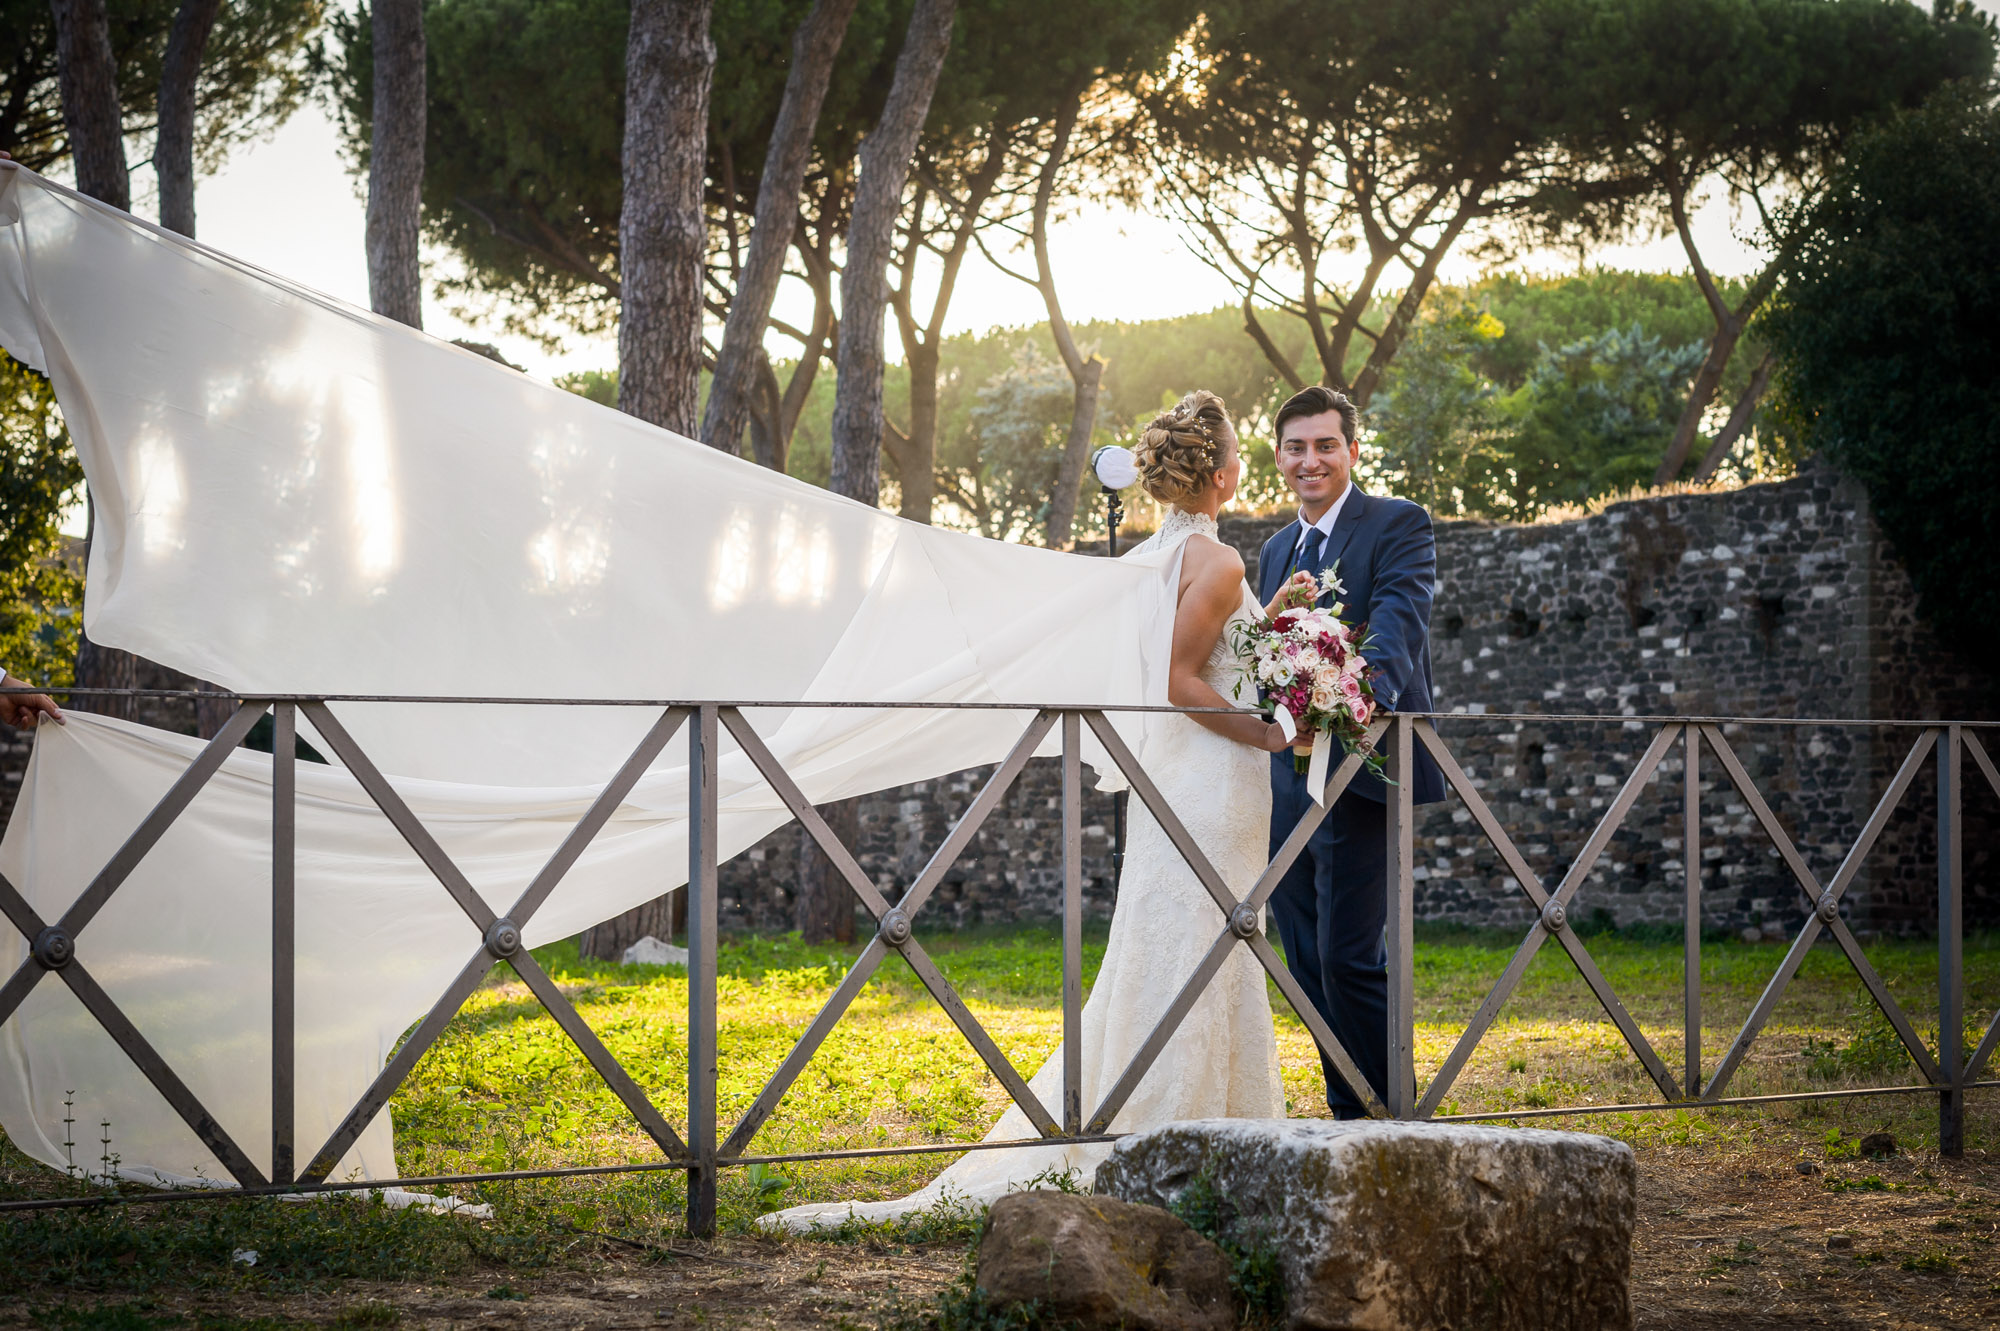 loretifoto – villa rosantica – sant alessio aventino – reportage matrimonio roma-27